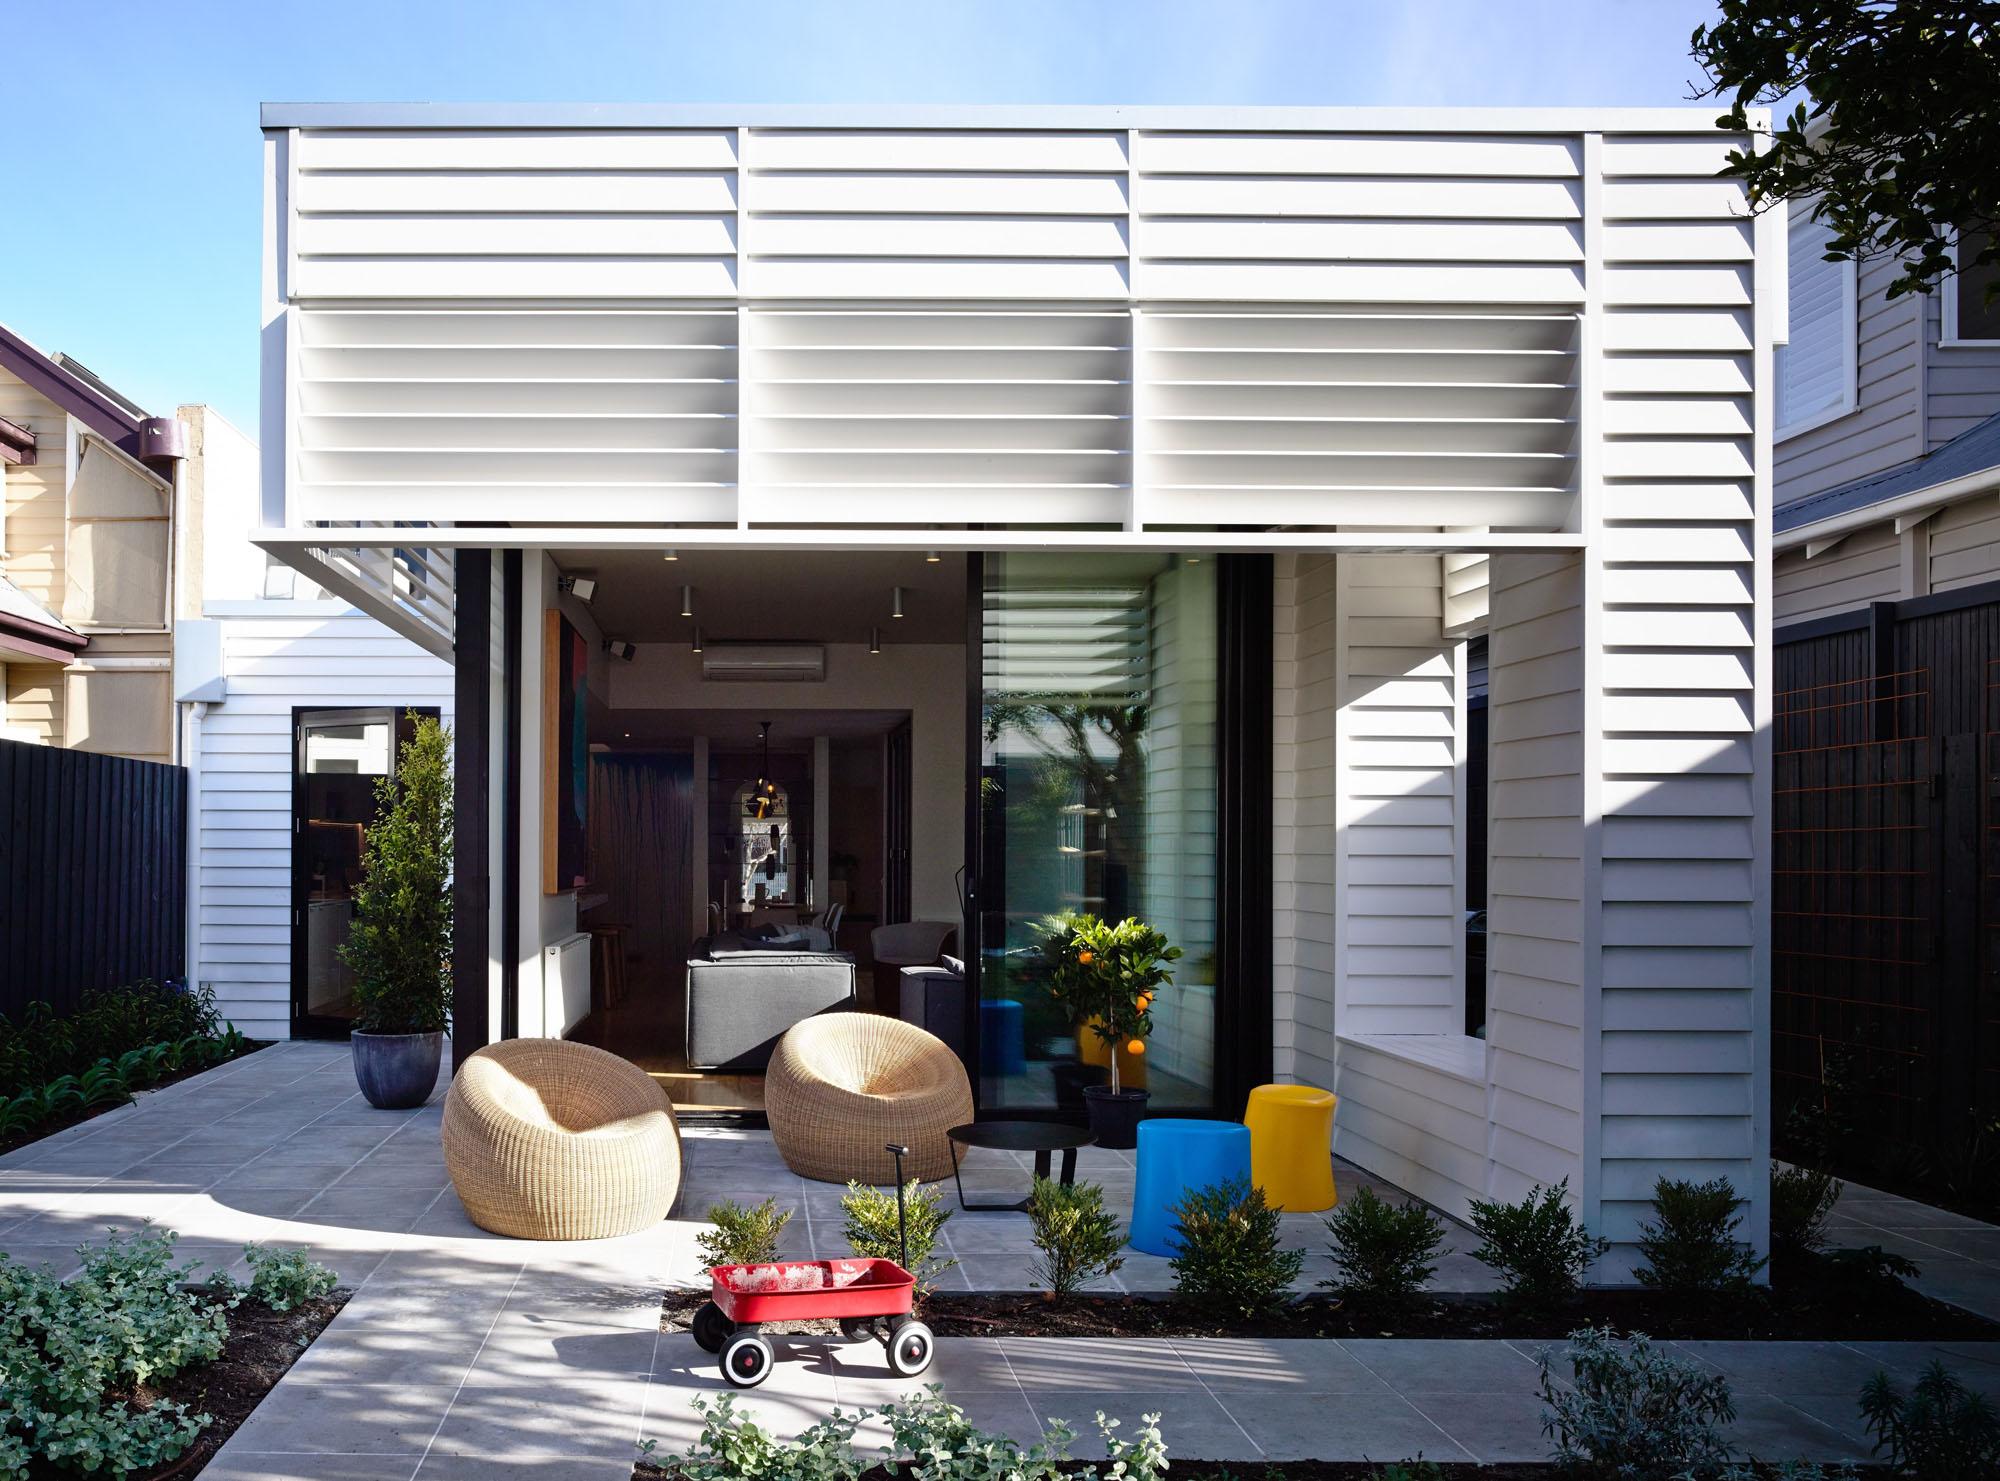 Sandringham-Residence-exterior-living-space